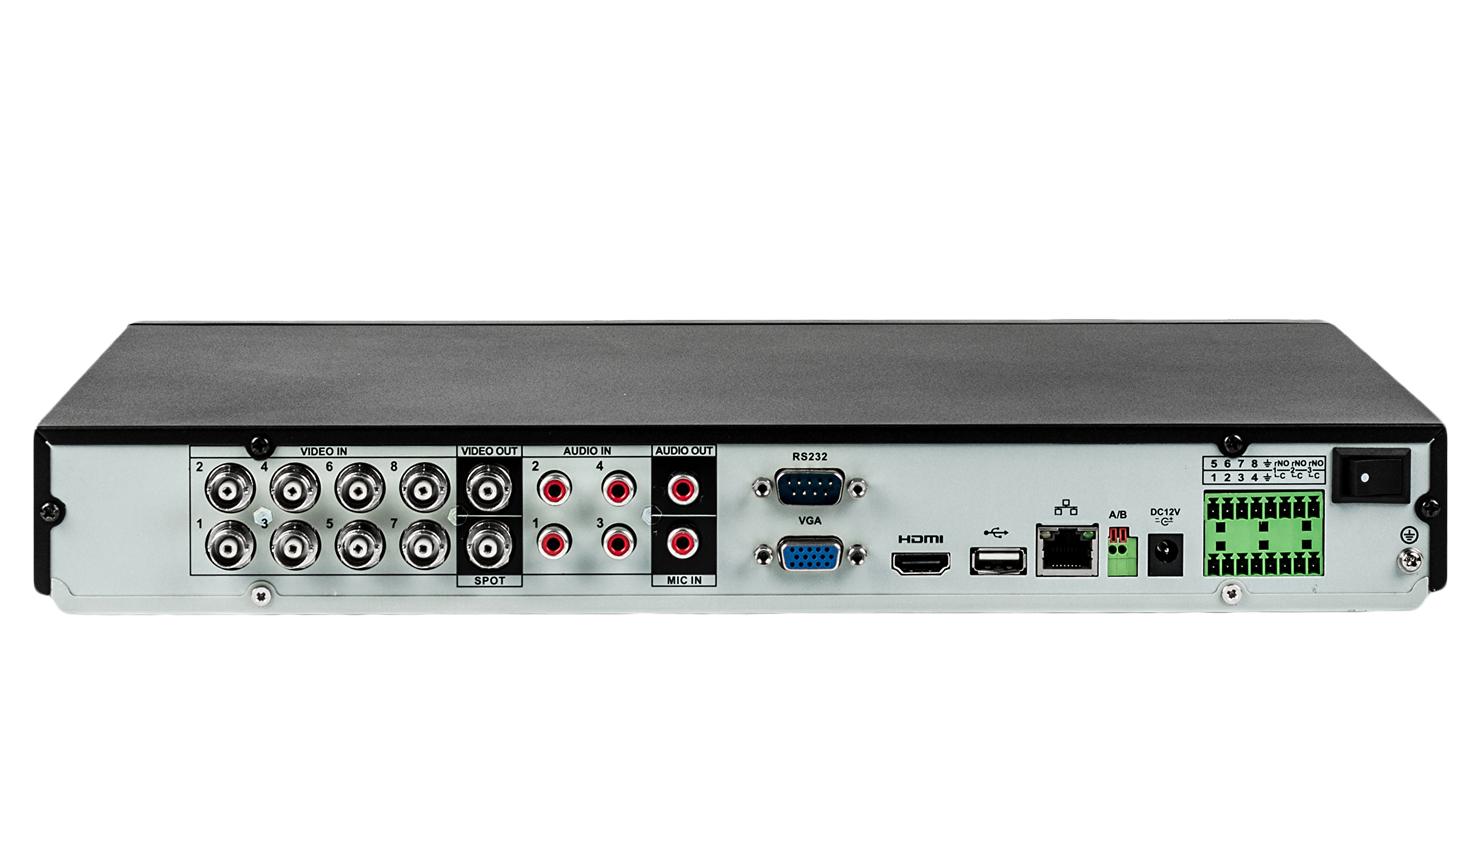 Видеорегистратор rvi08 радар-детектор с видеорегистратором купить пермь